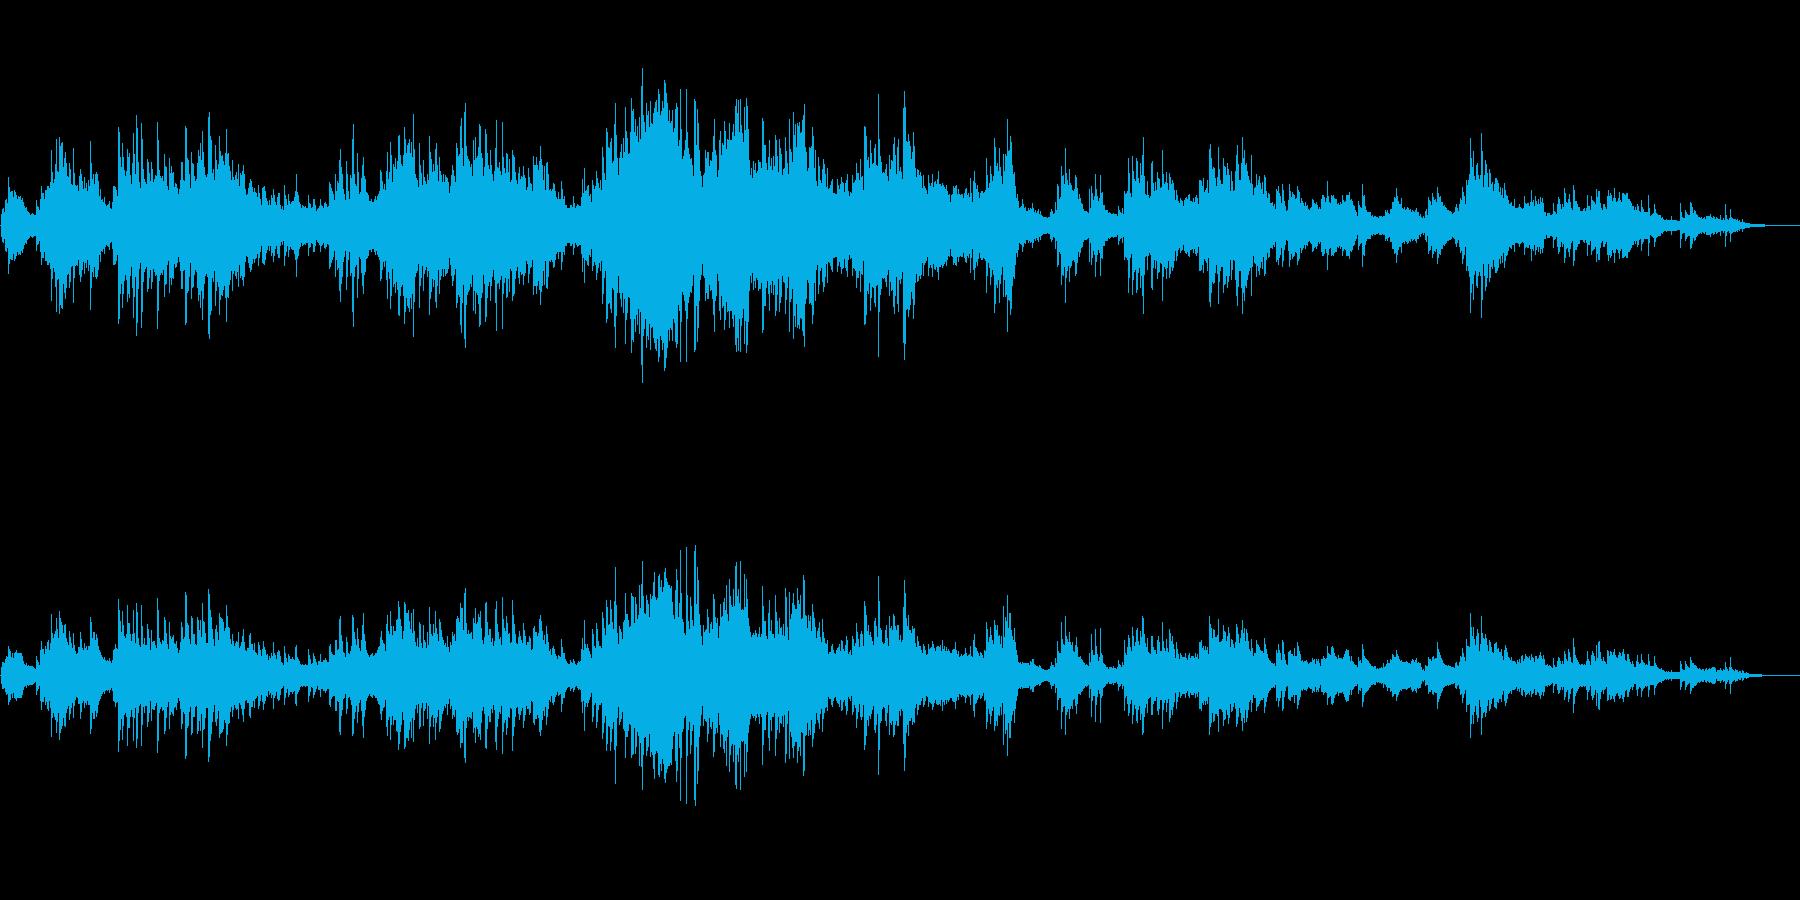 エネルギー。雲の王国。ピアノ版、残響。の再生済みの波形